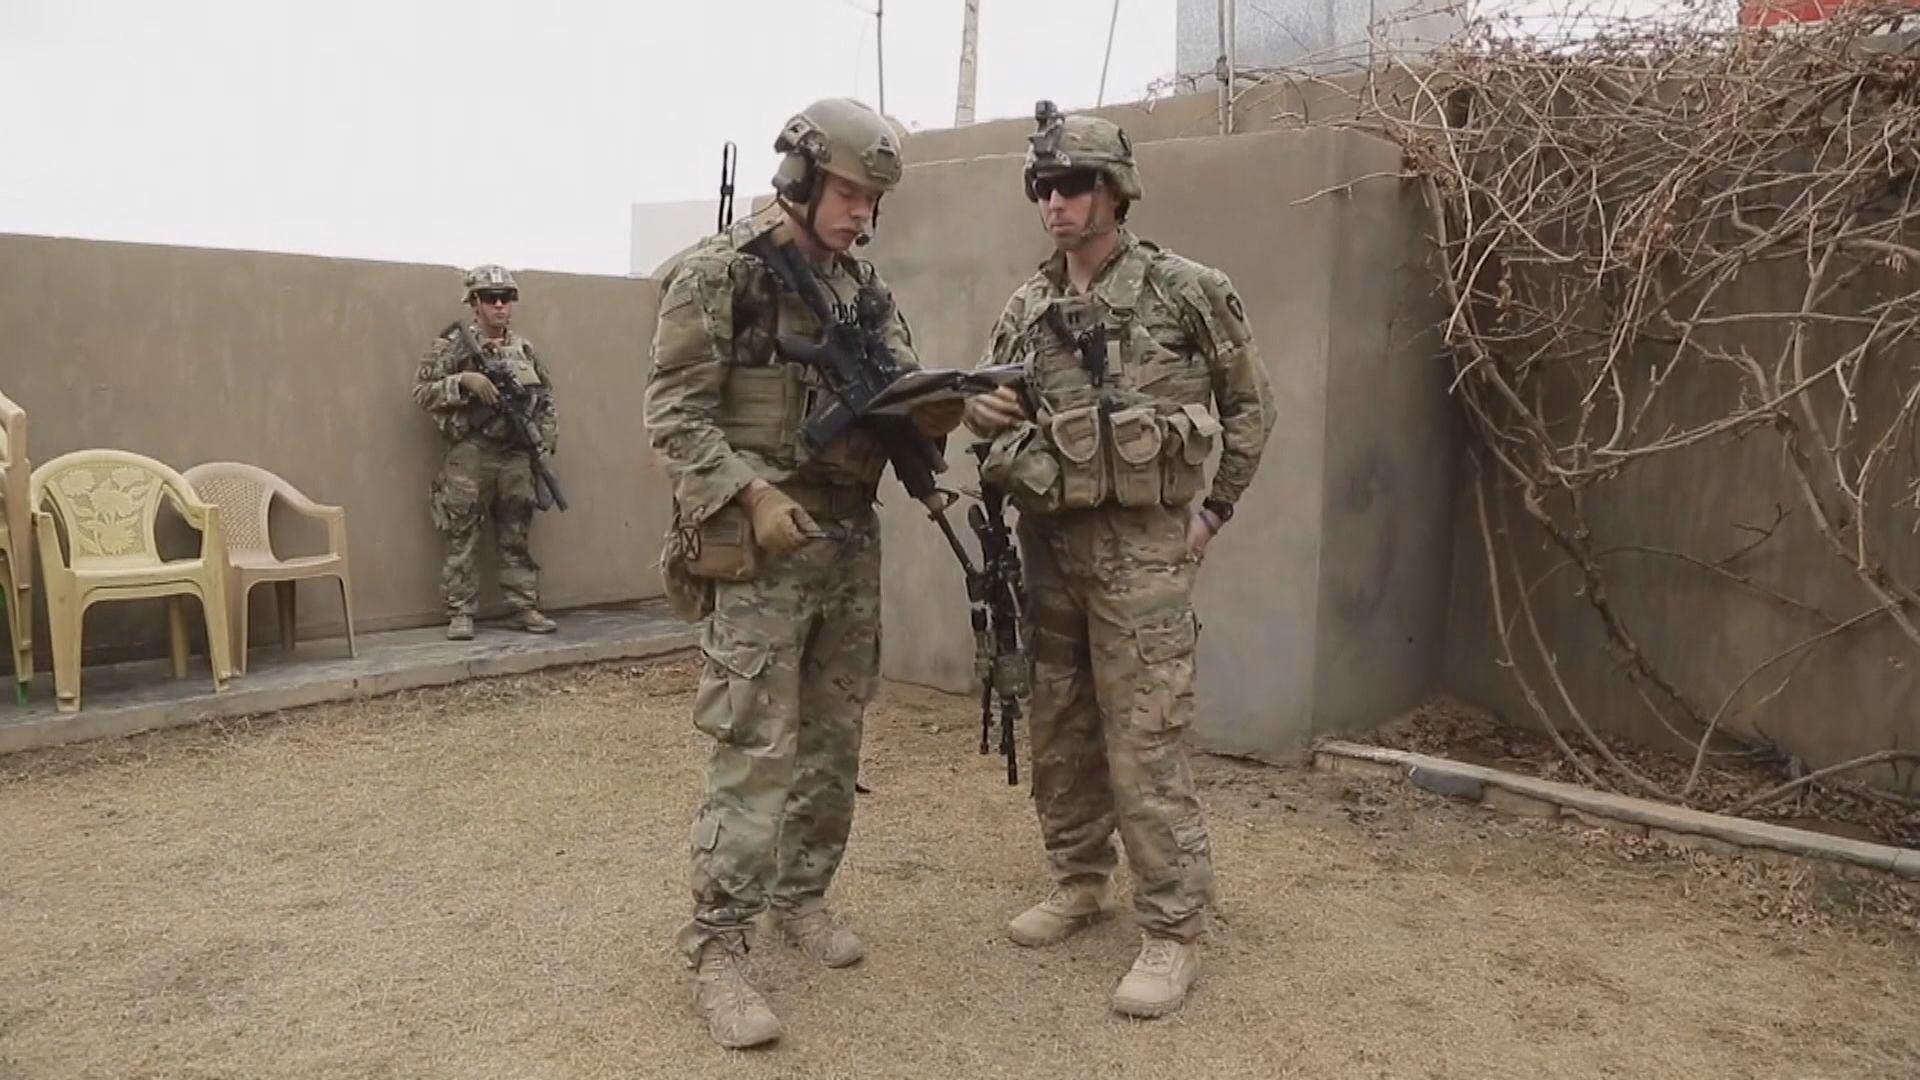 美國國防部官員質疑擊殺索萊馬尼行動必要性